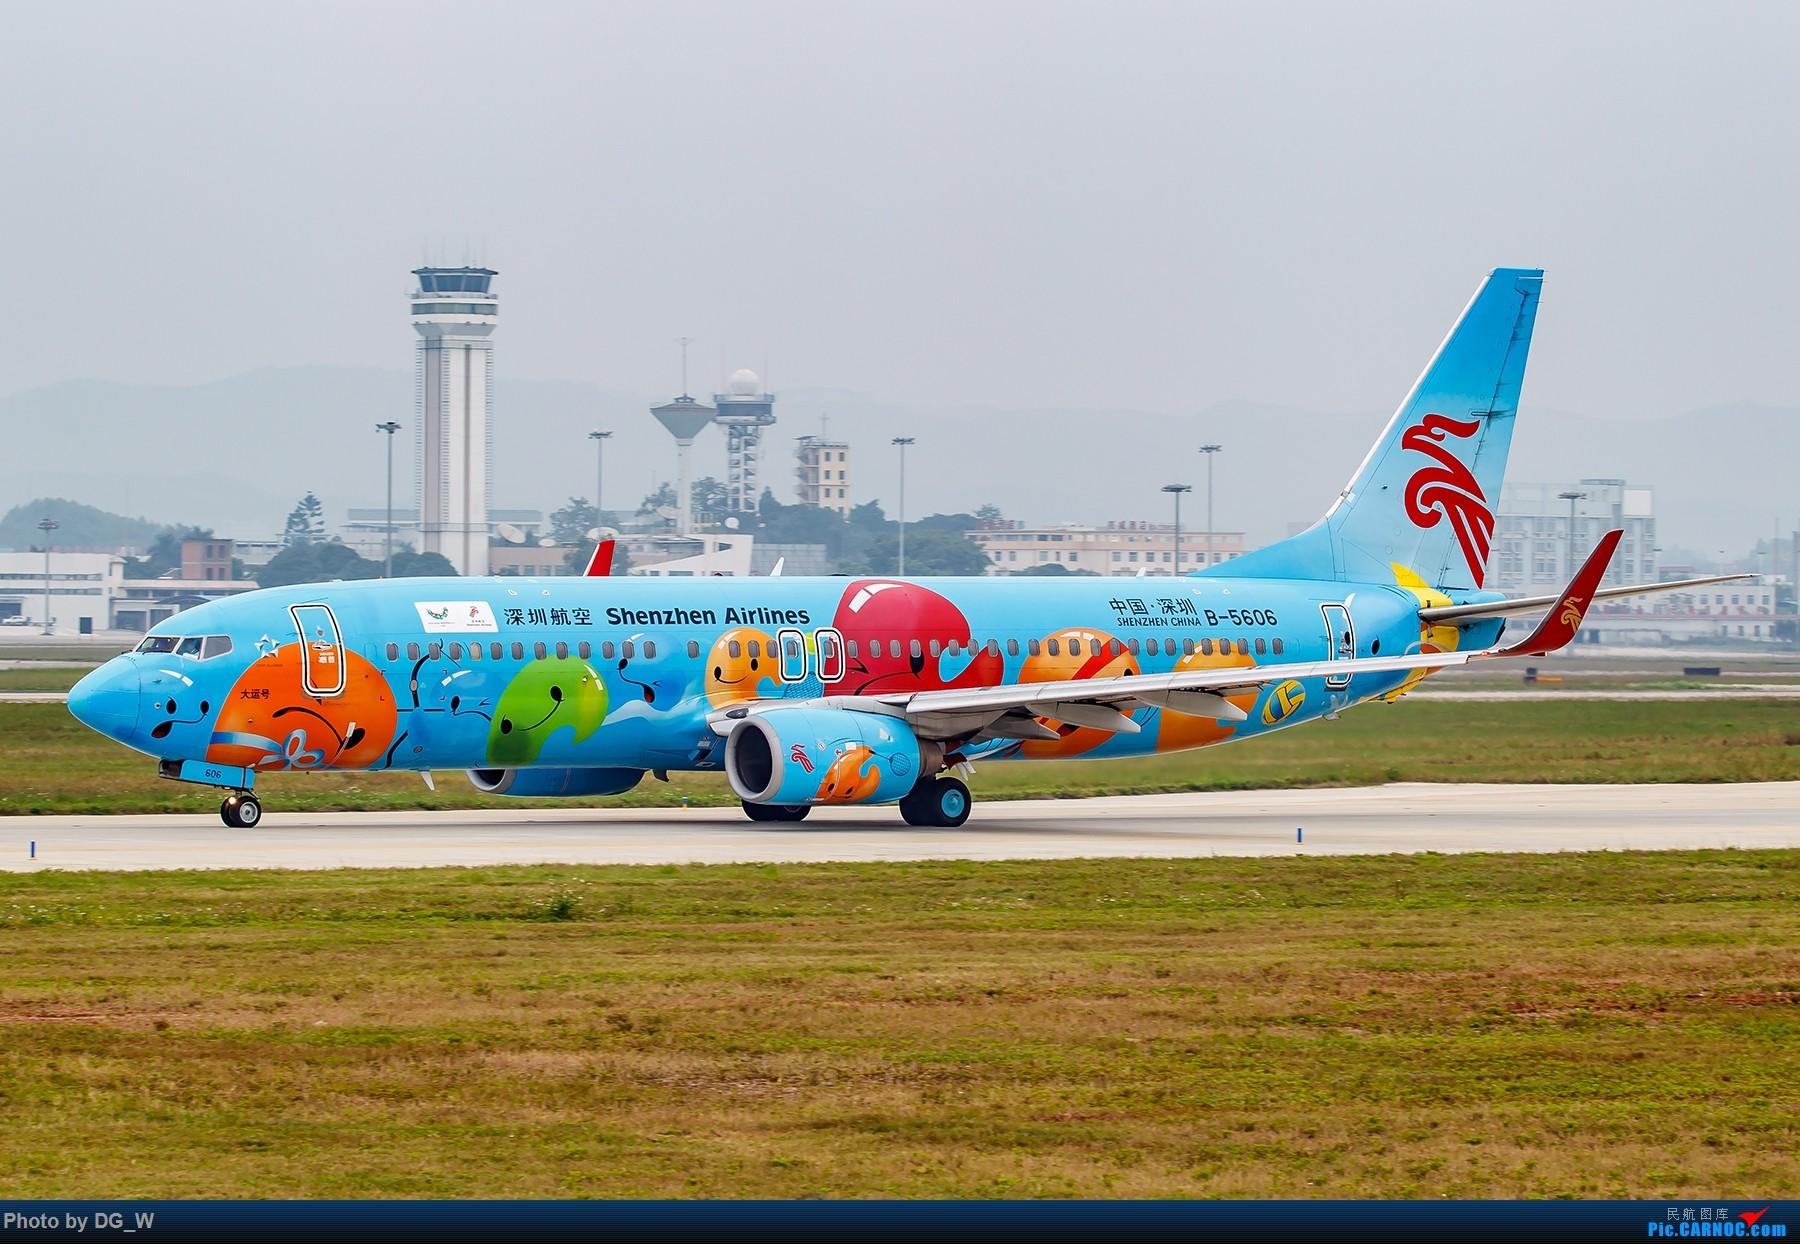 Re:[原创]【南宁飞友】集齐南航邮戳738,外加最近半年拍的部分彩绘 BOEING 737-800 B-5606 中国南宁吴圩国际机场